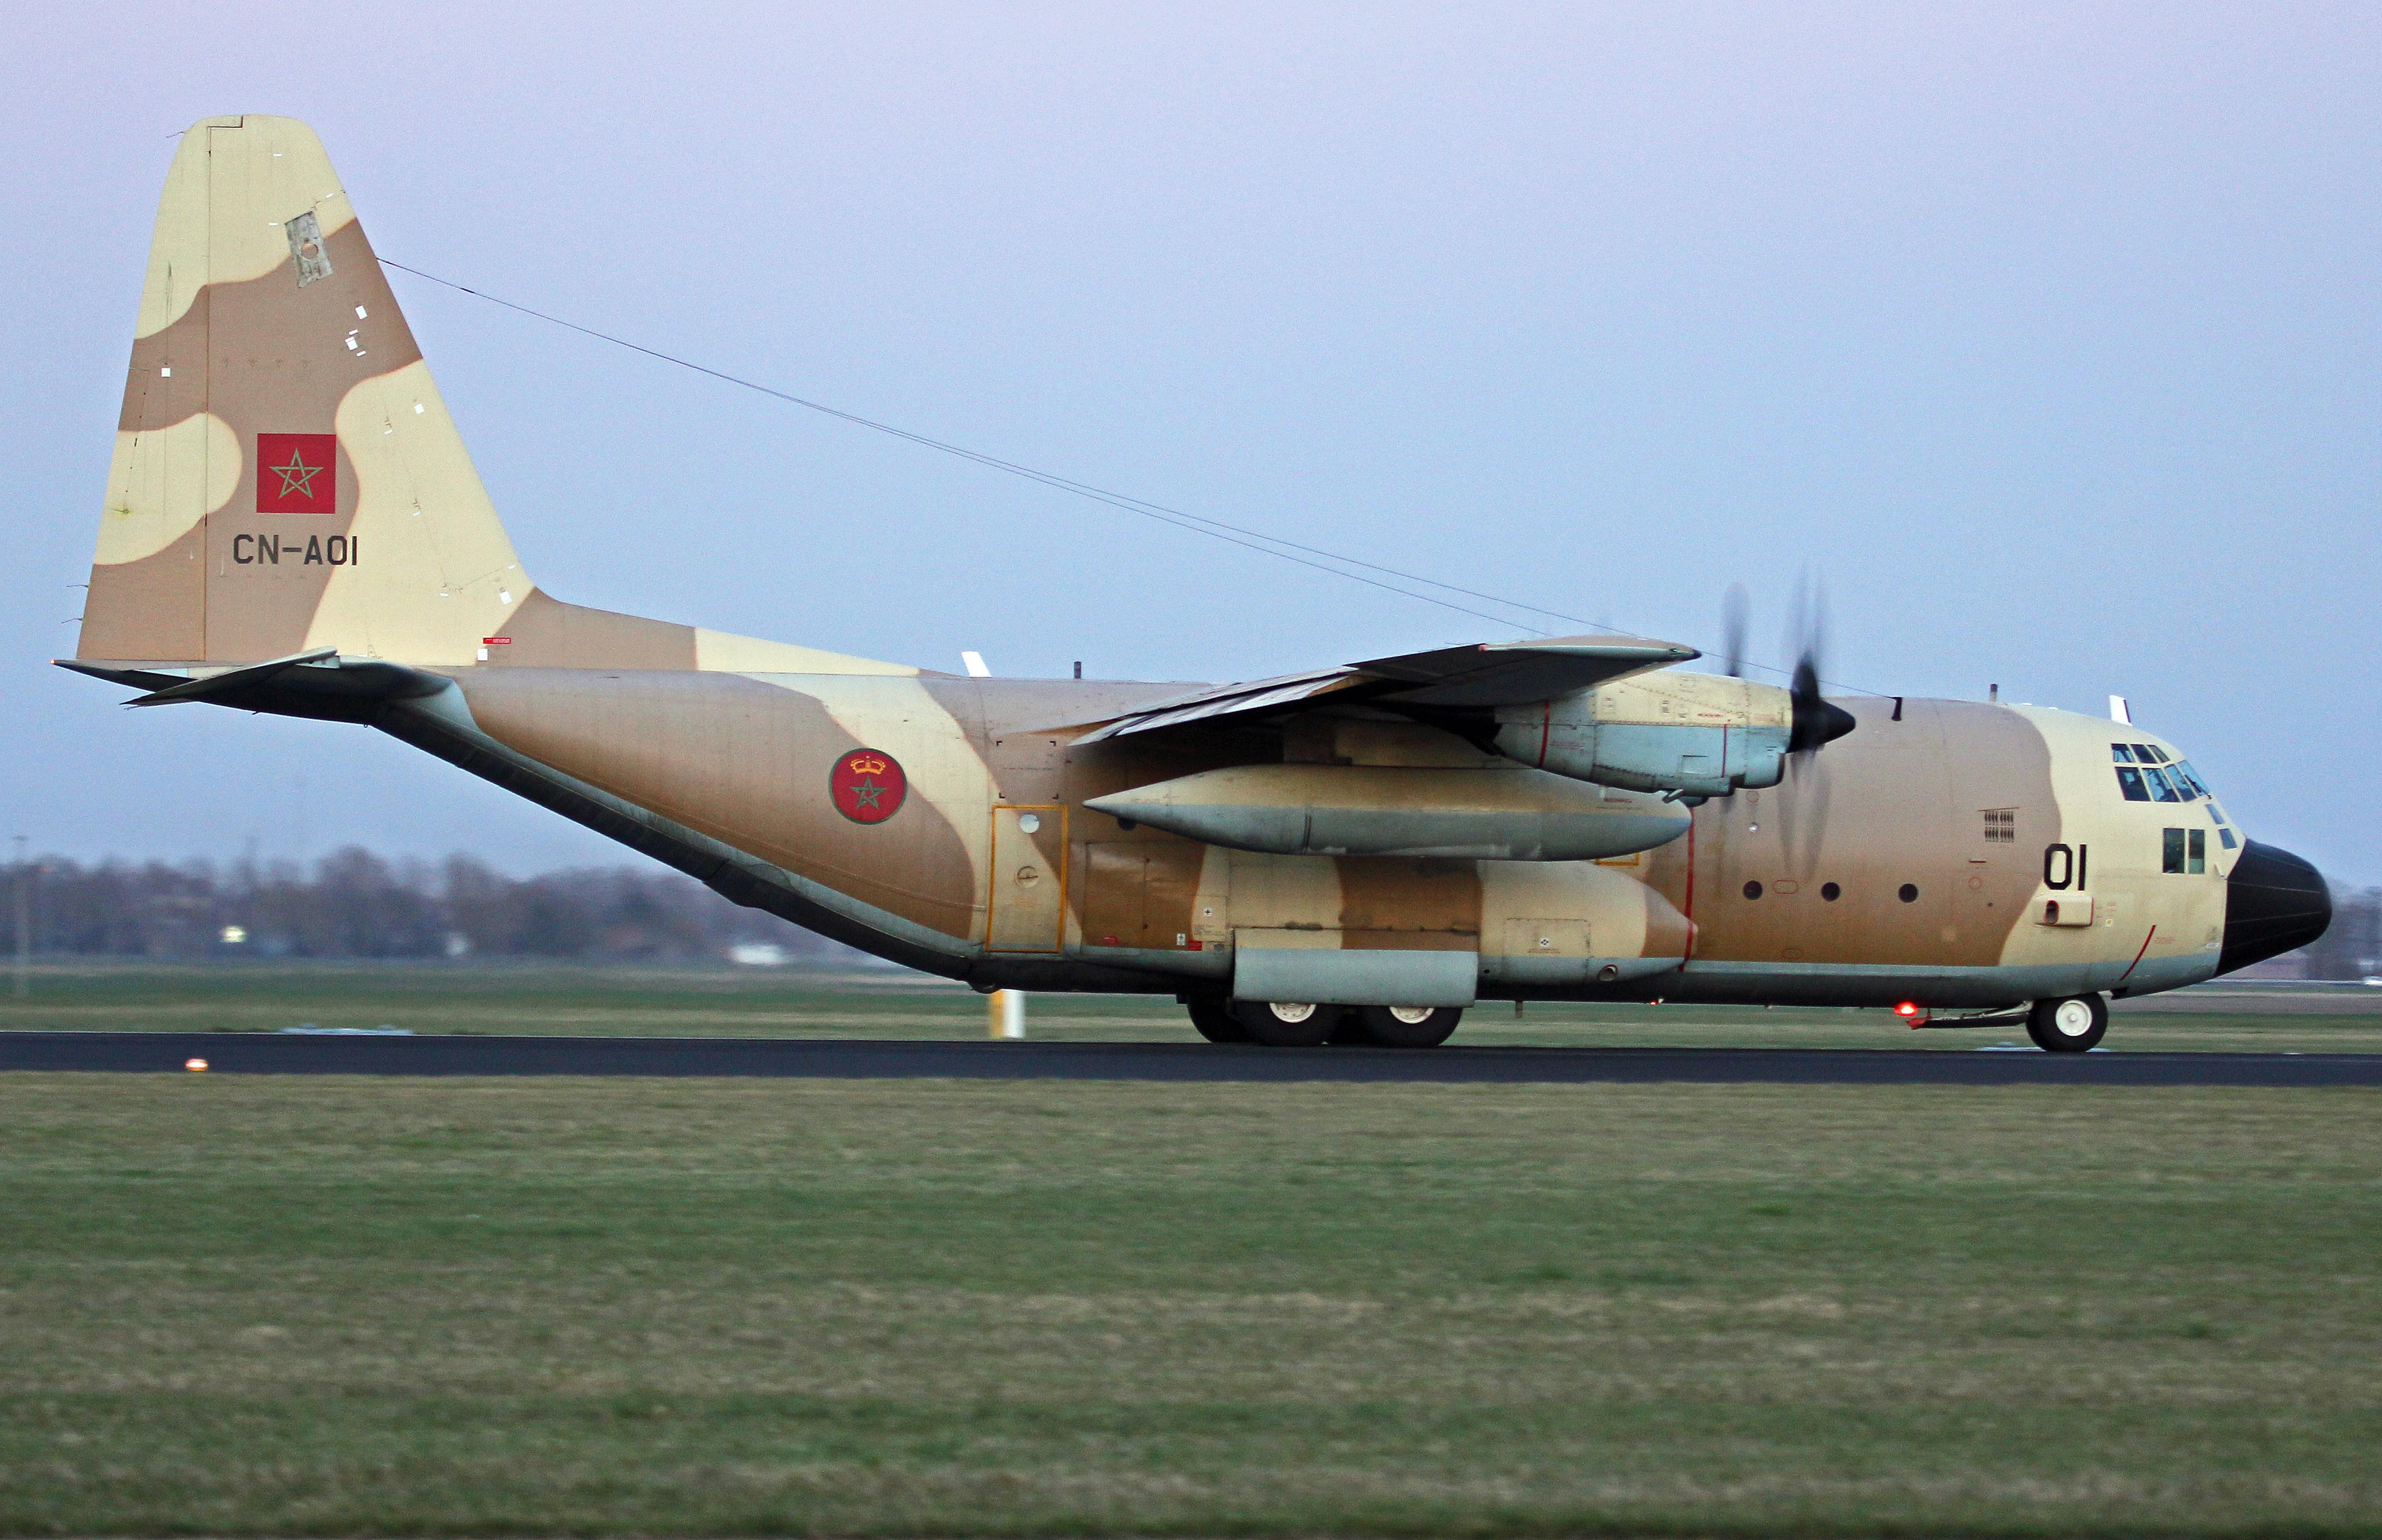 FRA: Photos d'avions de transport - Page 27 26034010521_13f60a08f1_o